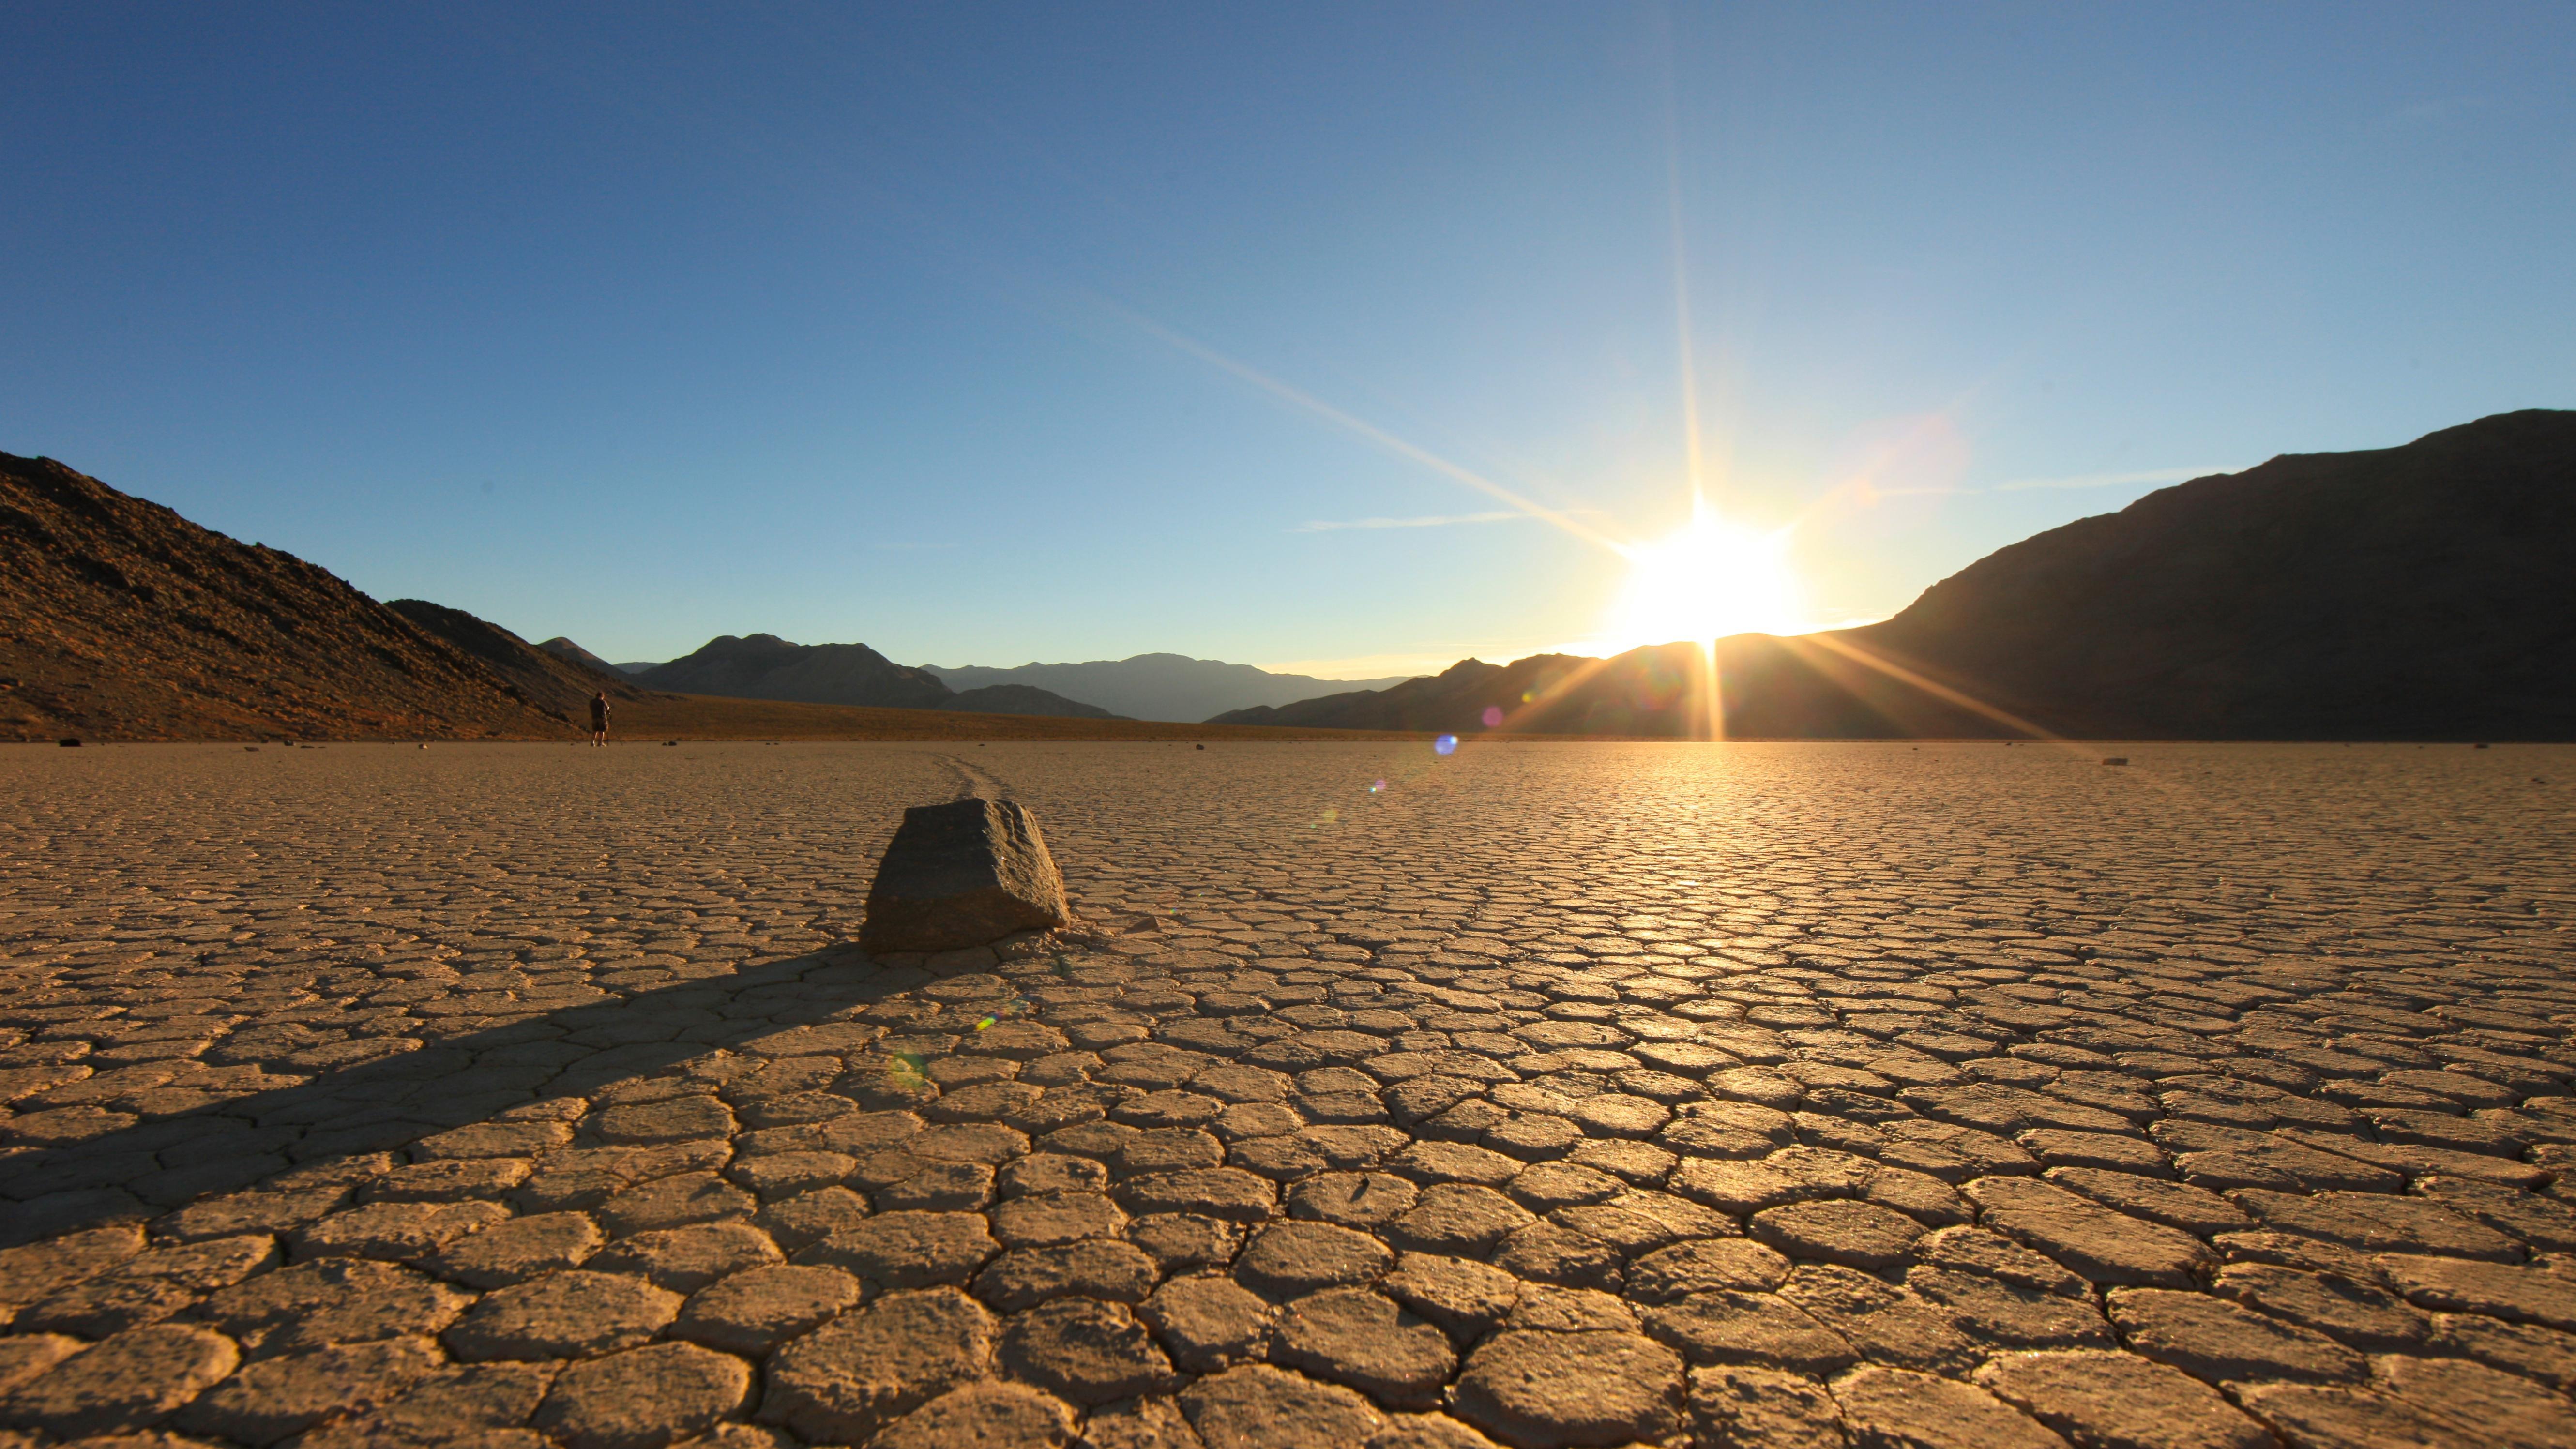 Death Valley, el lugar más caluroso de la Tierra, tiene temperaturas medias tan altas que los turistas regularmente intentan freír huevos en el suelo. La temperatura más alta jamás registrada por una estación meteorológica es de 134.1°F (54°C). Esto se midió el 30 de junio de 2013 en Death Valley, California. Sin embargo, la temperatura más alta de la superficie del suelo jamás medida no fue en Death Valley, sino en el desierto de Dascht-e Lut en Irán